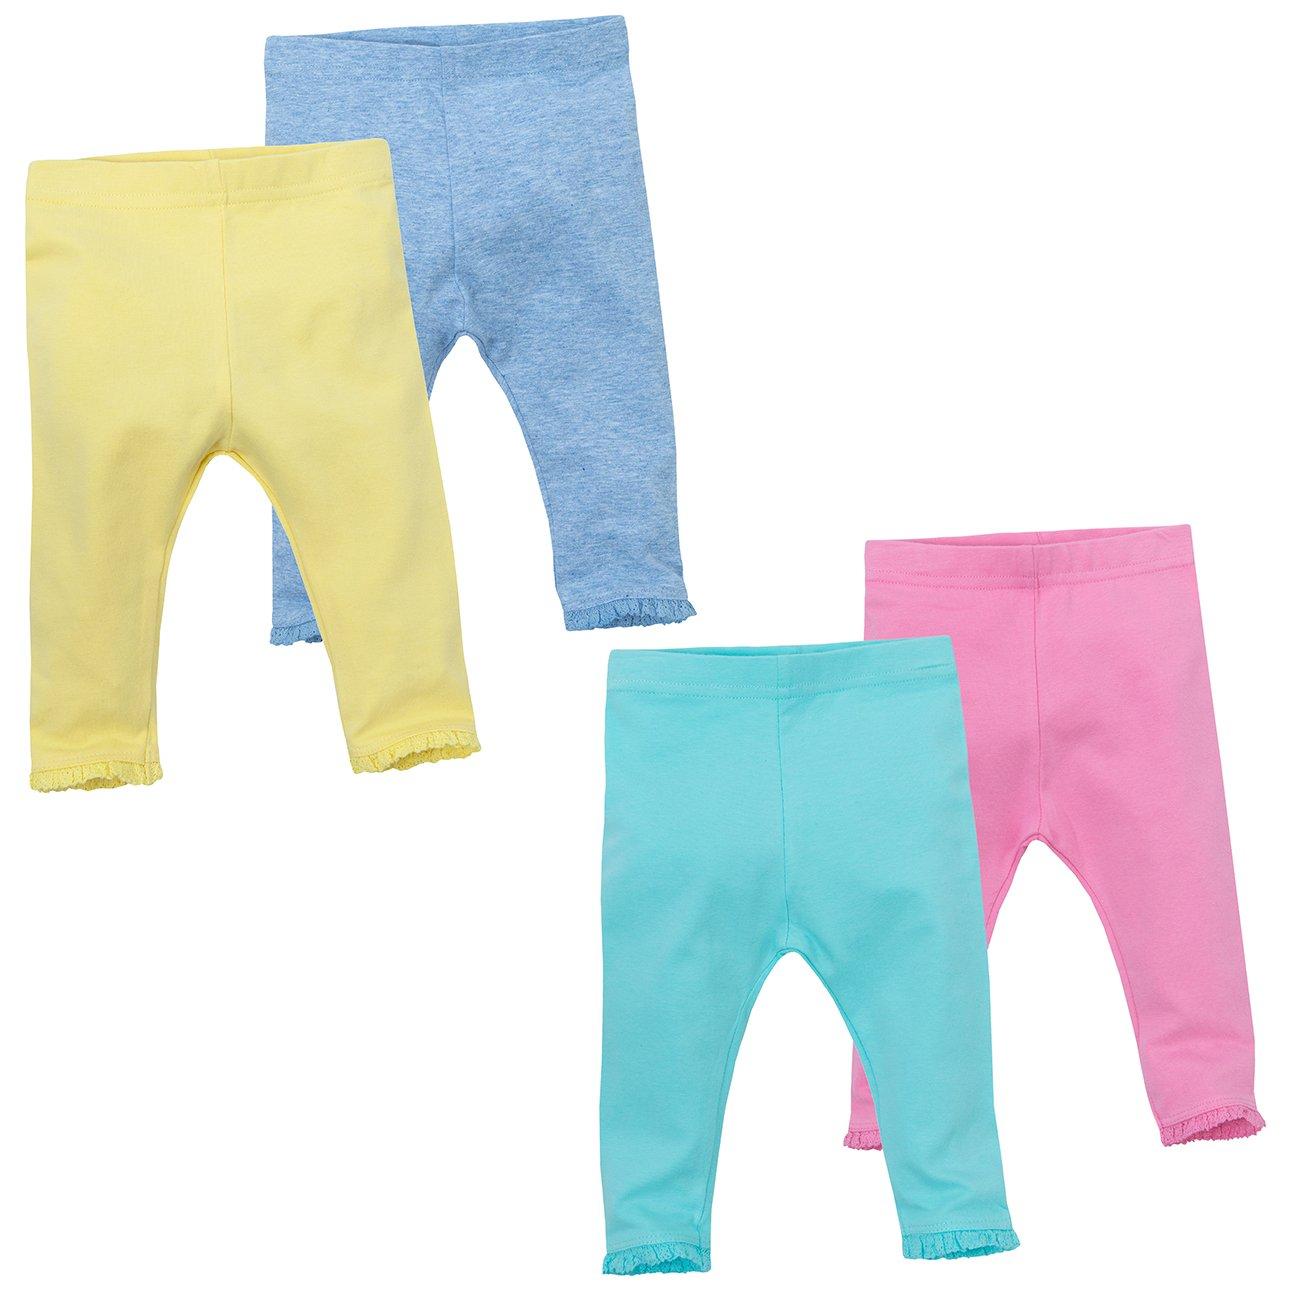 【2018秋冬新作】 Baby Town PANTS ベビーガールズ 3 Baby B07BMBTNZZ - PANTS 6 Months All Colors B07BMBTNZZ, タカサキシ:66d0c74e --- a0267596.xsph.ru